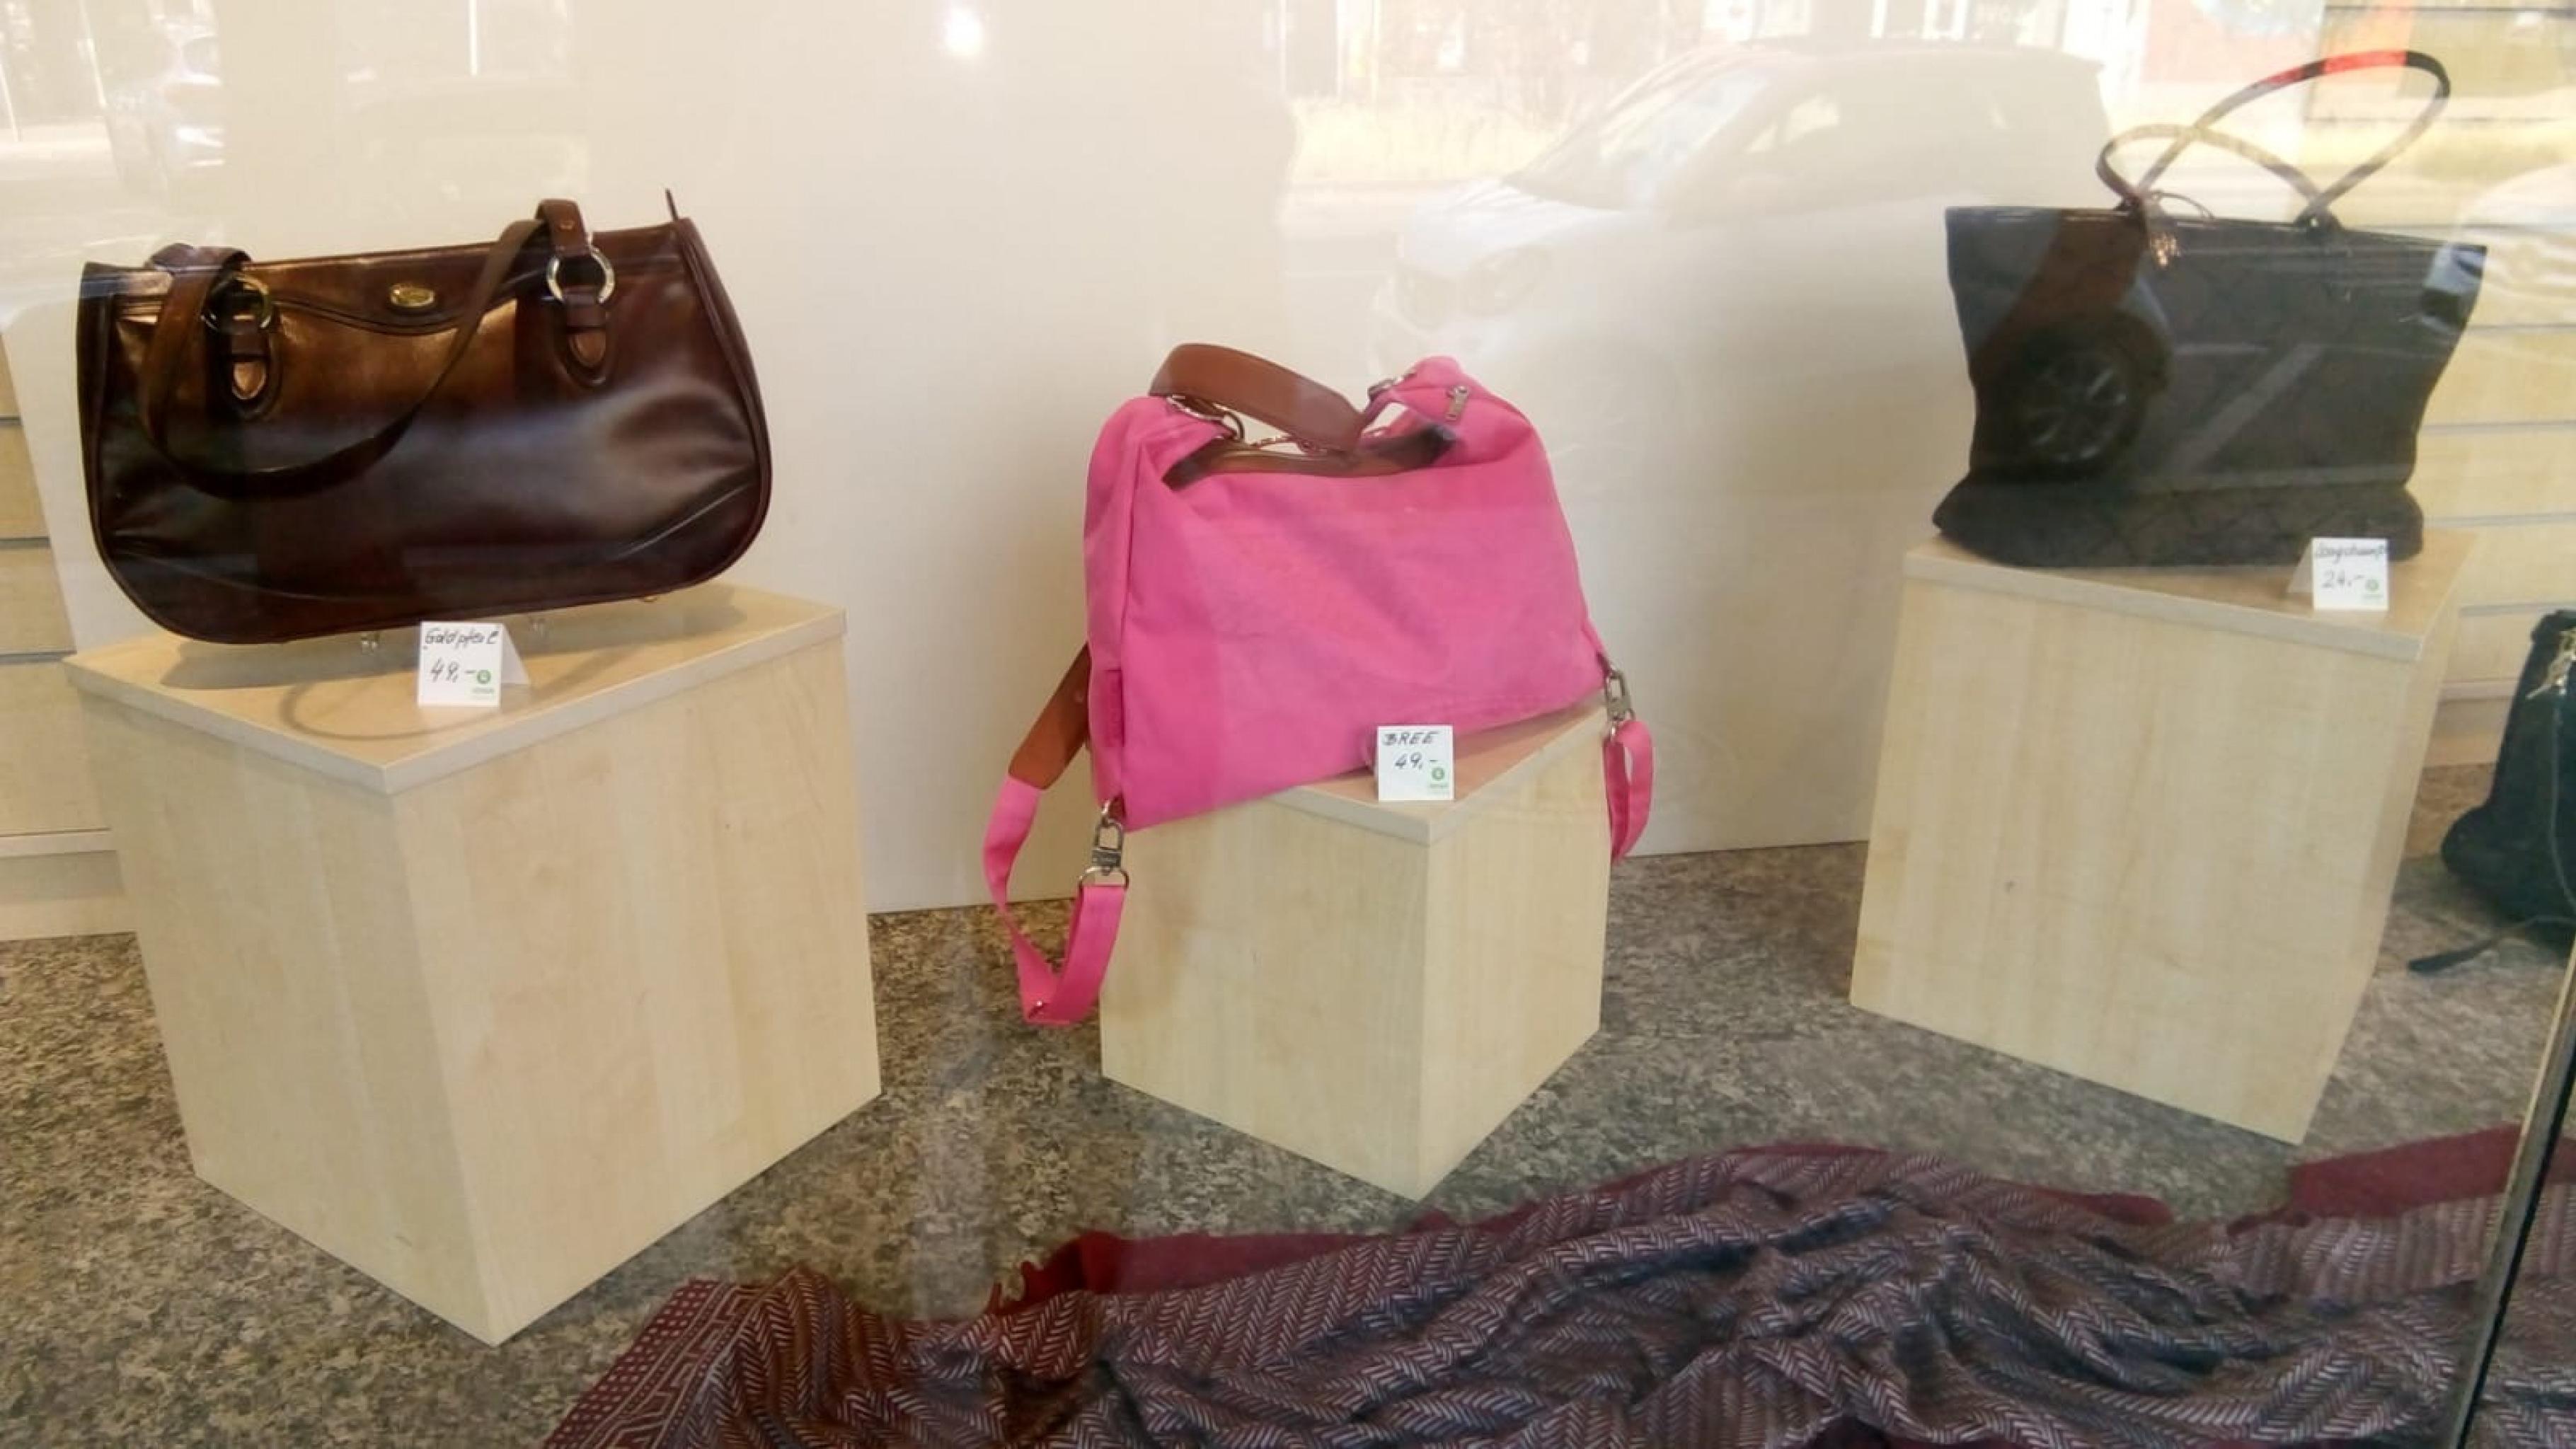 Handtaschen im Oxfam Shop Berlin-Schöneberg